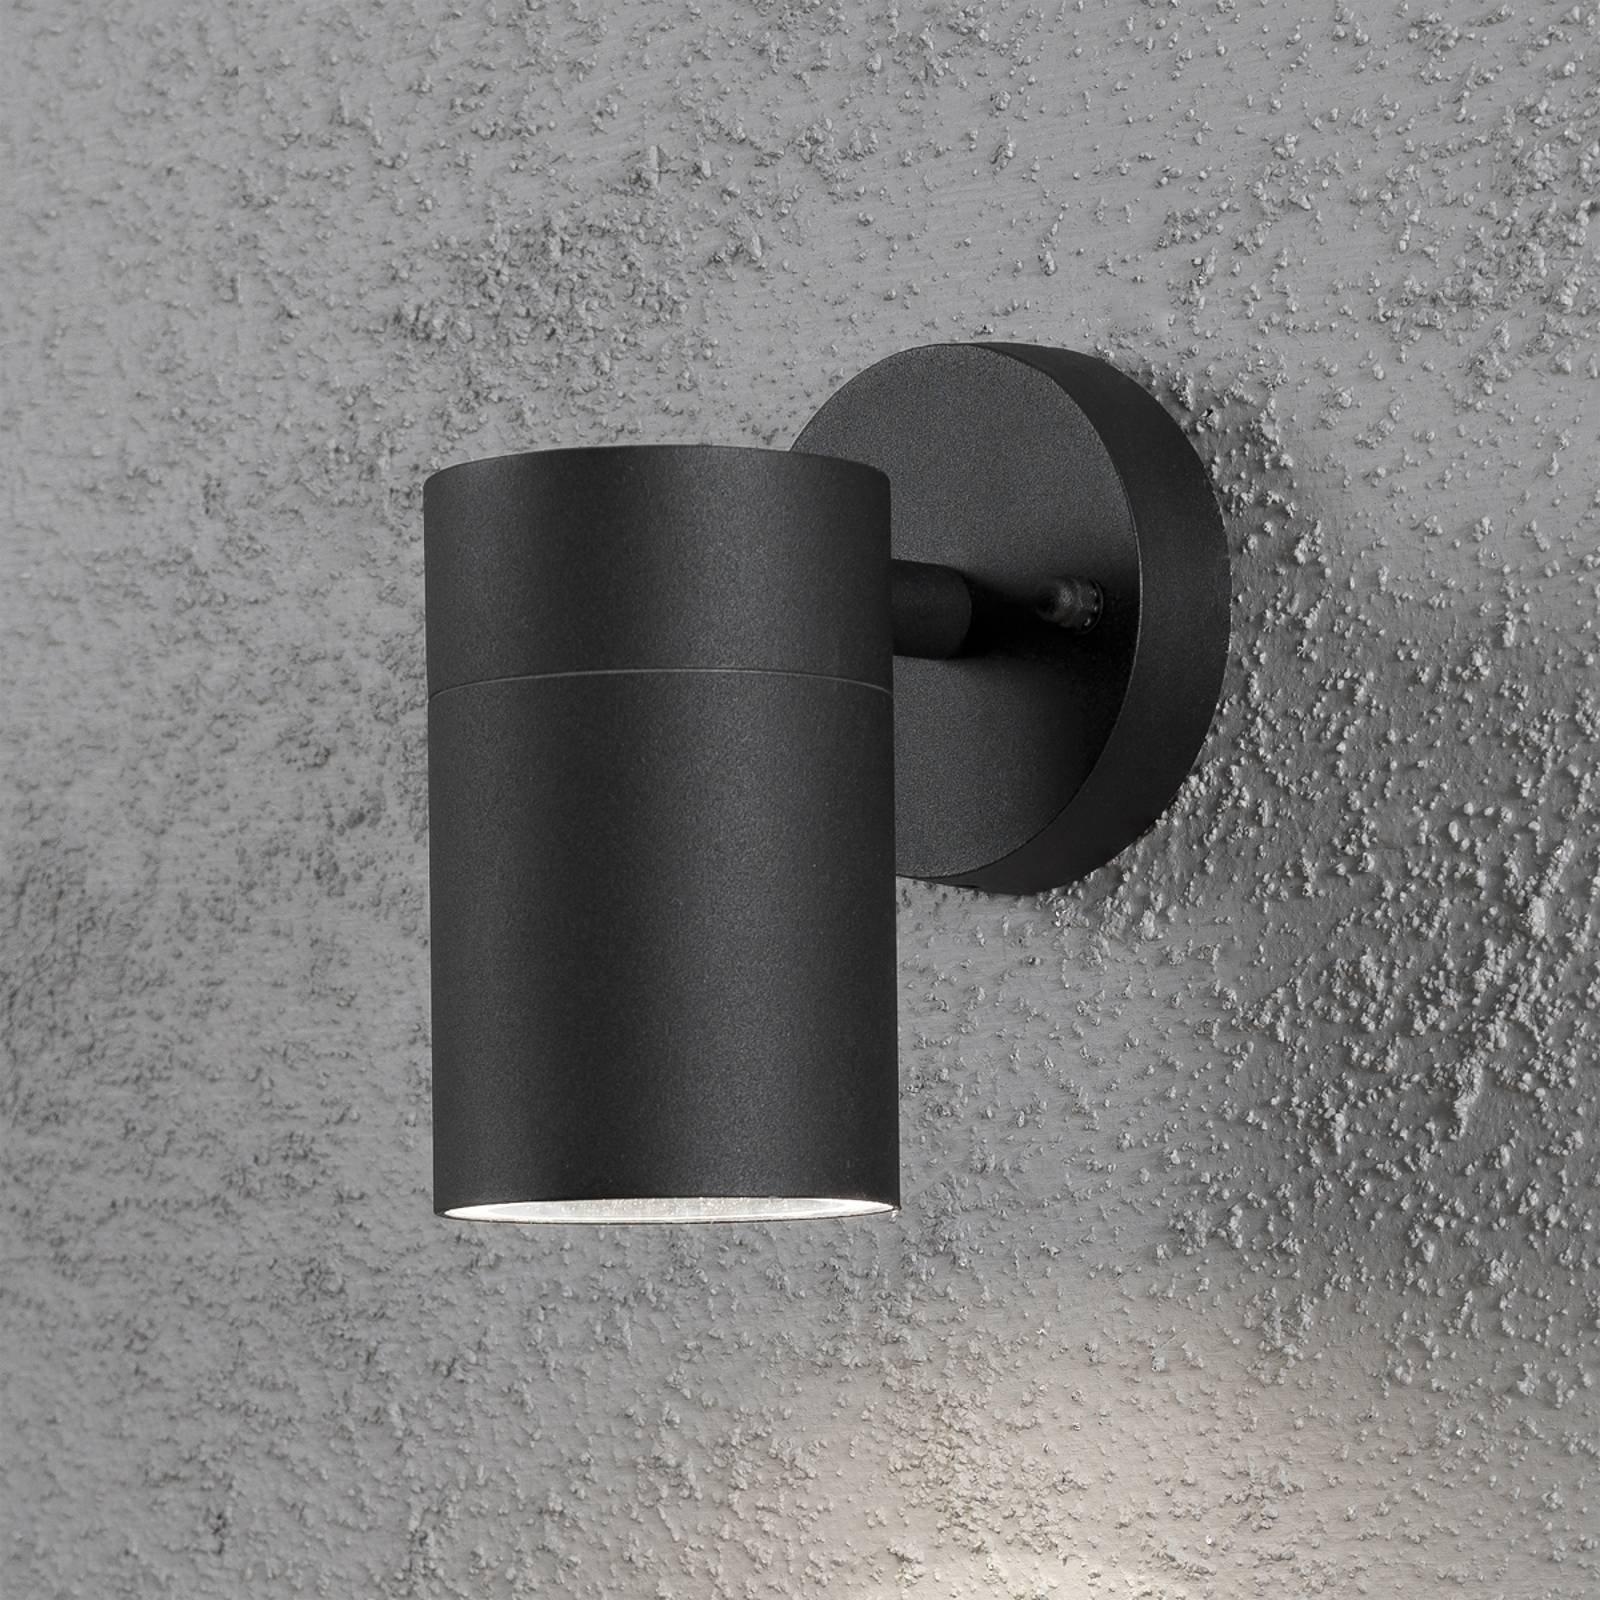 Utendørs NEW MODENA vegglampe med ett lys i svart